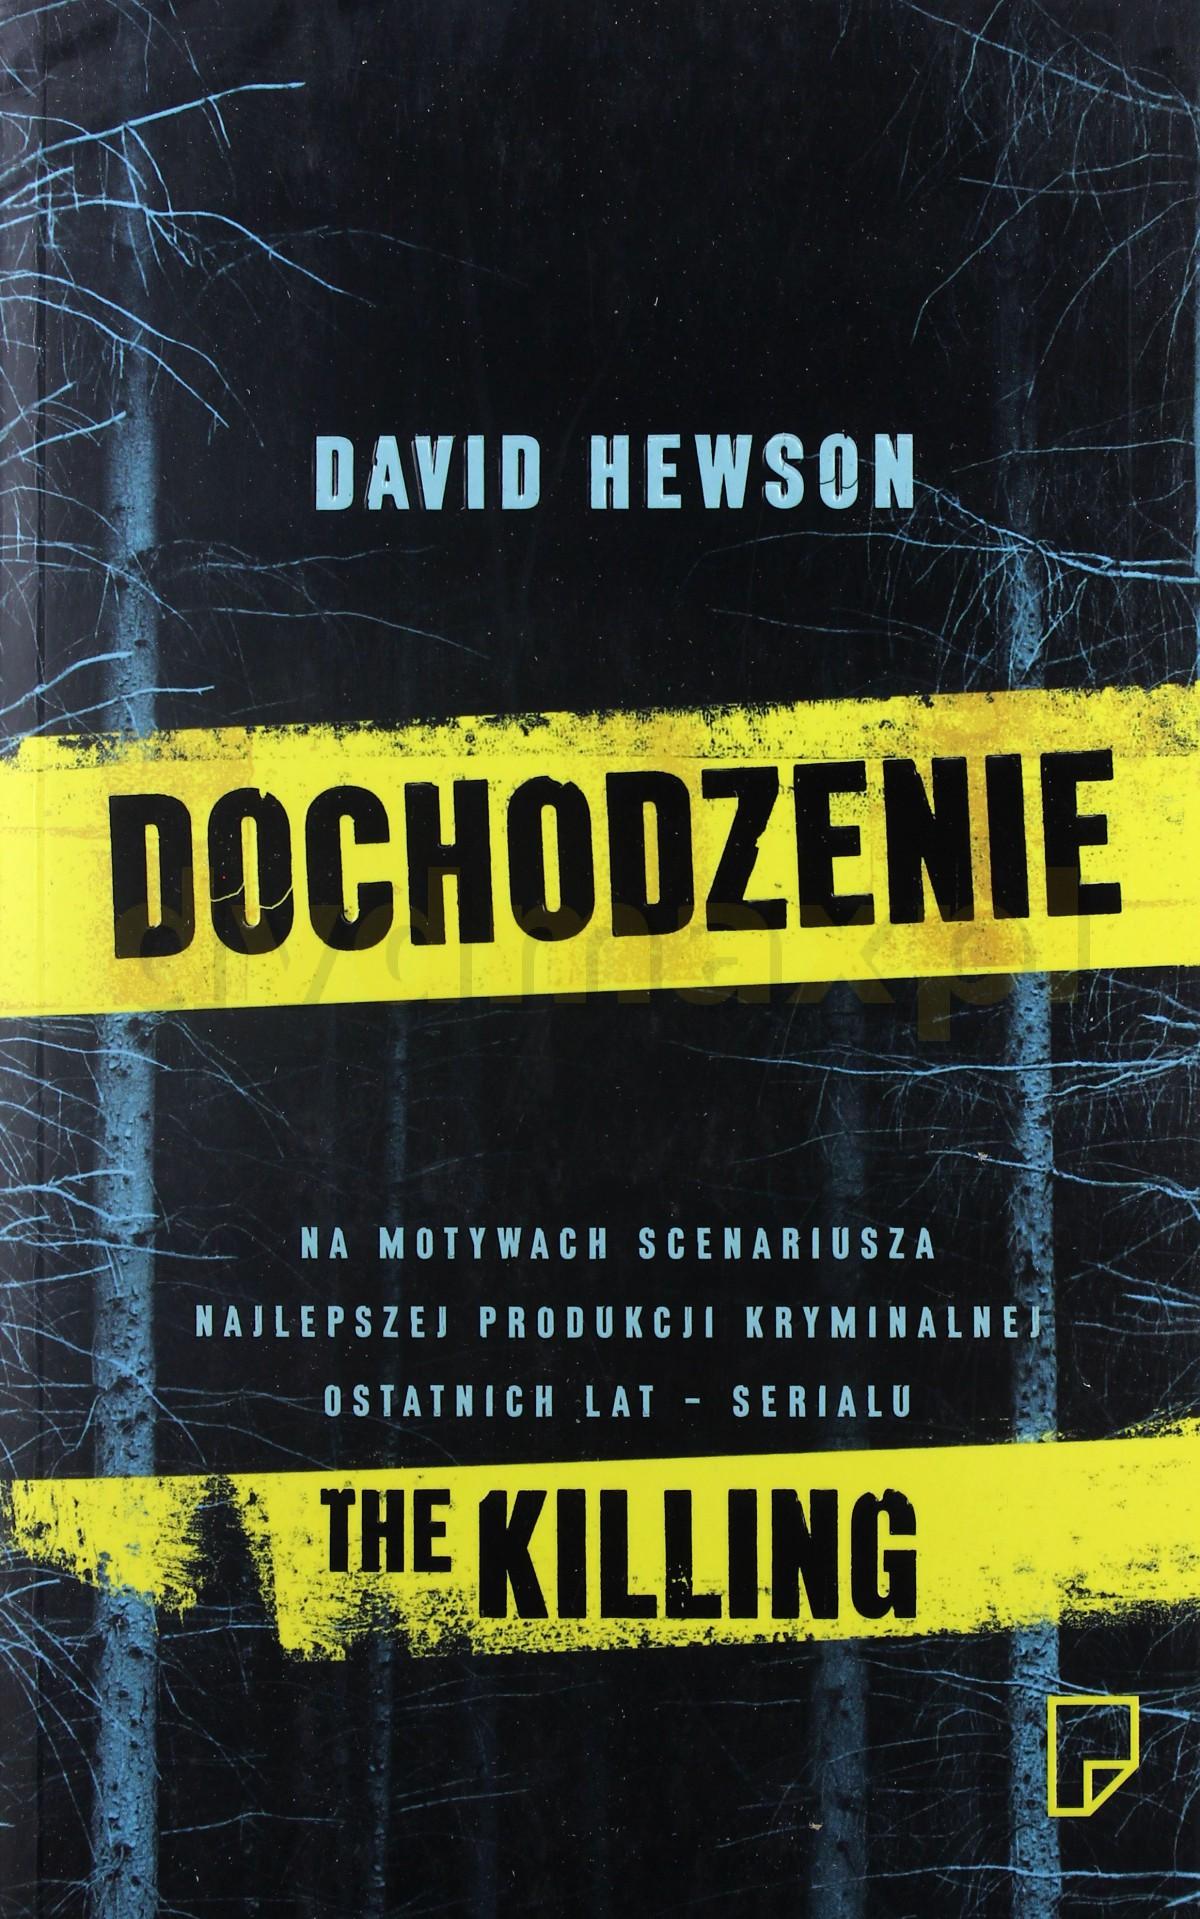 Dochodzenie the Killing - David Hewson [KSIĄŻKA] - David Hewson